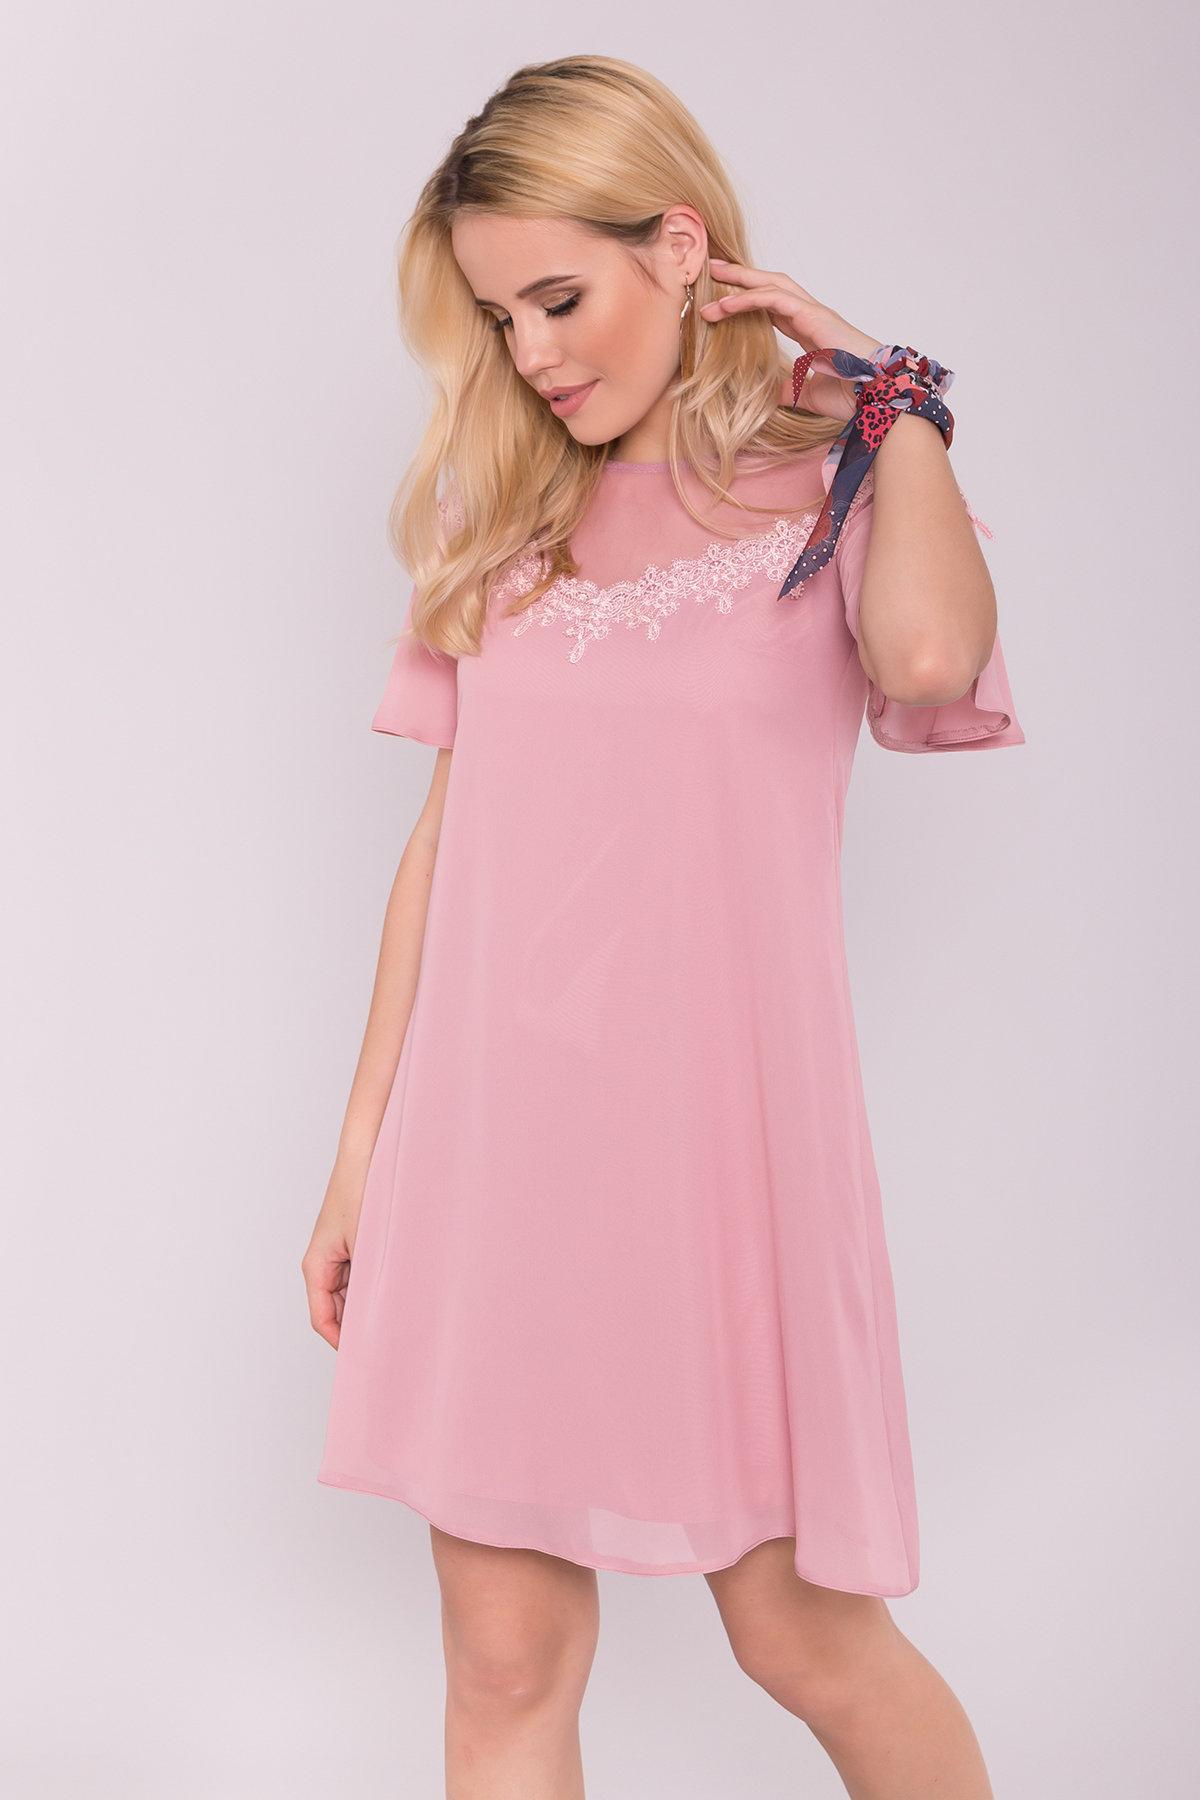 Платье Эри 7255 АРТ. 42807 Цвет: Пудра Темная - фото 3, интернет магазин tm-modus.ru